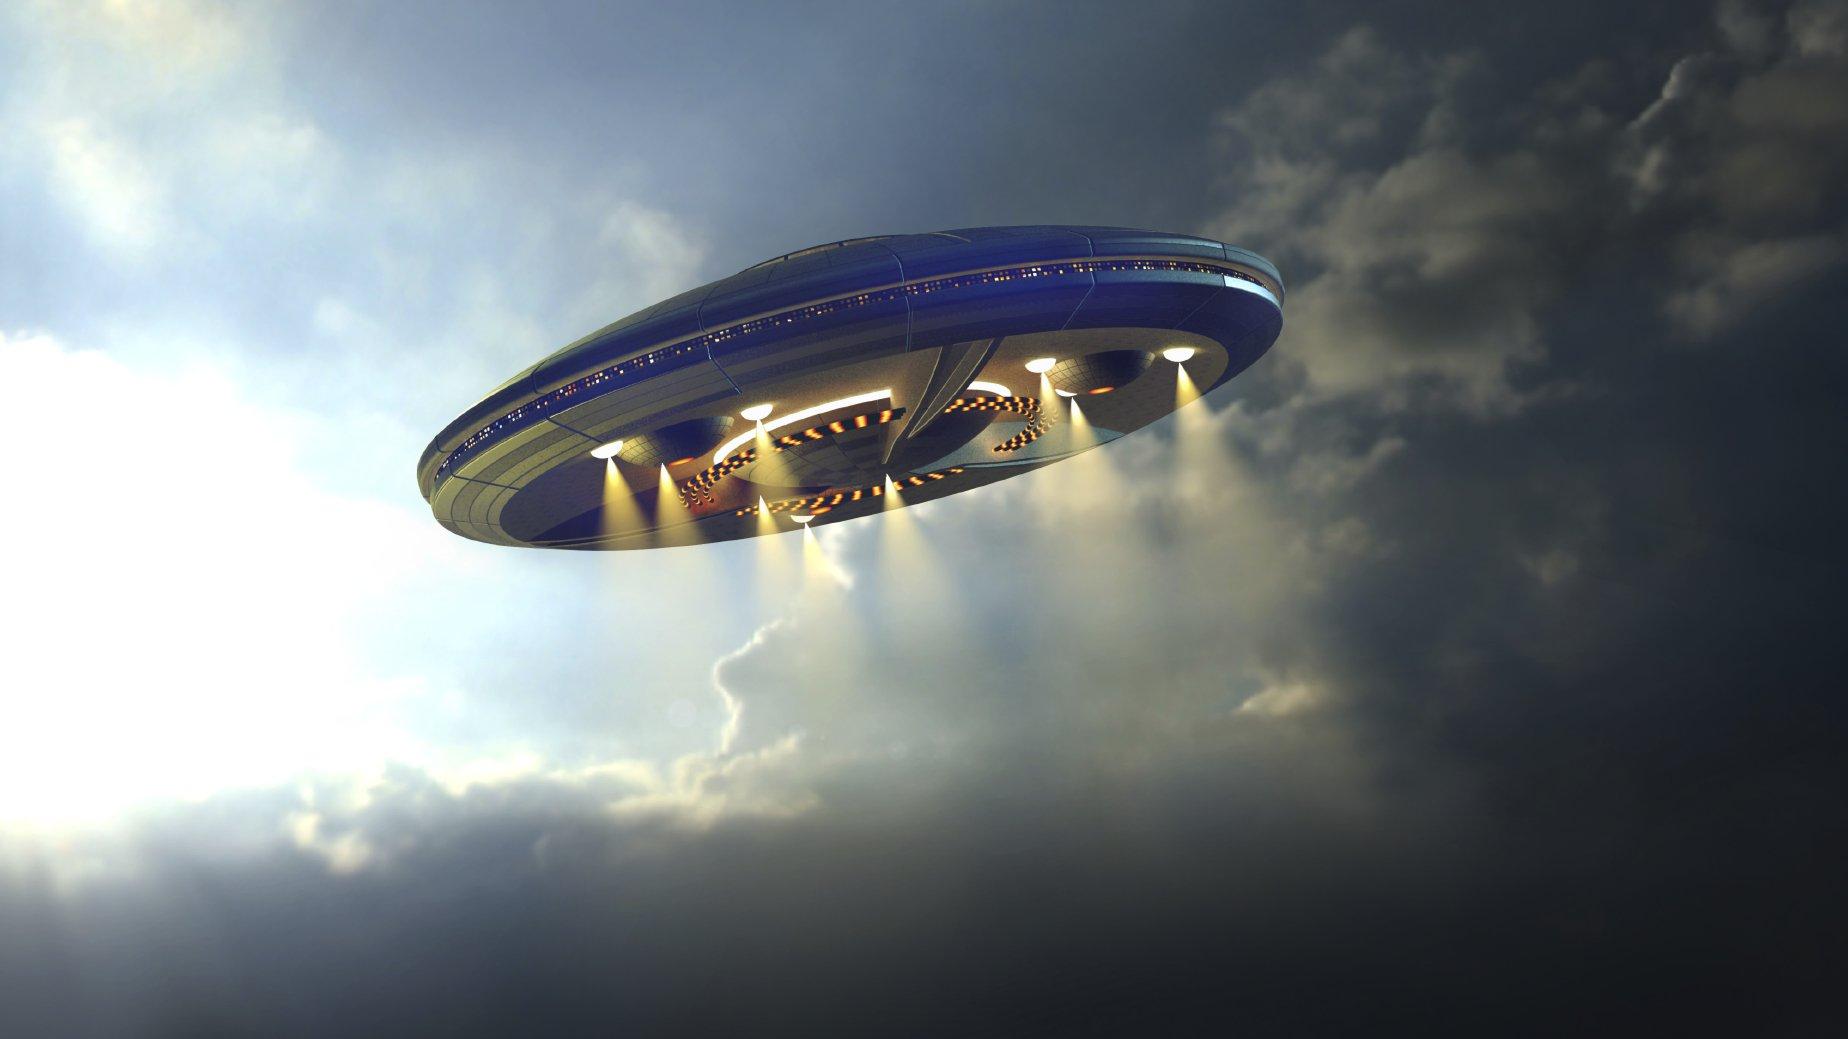 ВПенсильвании очевидец сфотографировал два НЛО